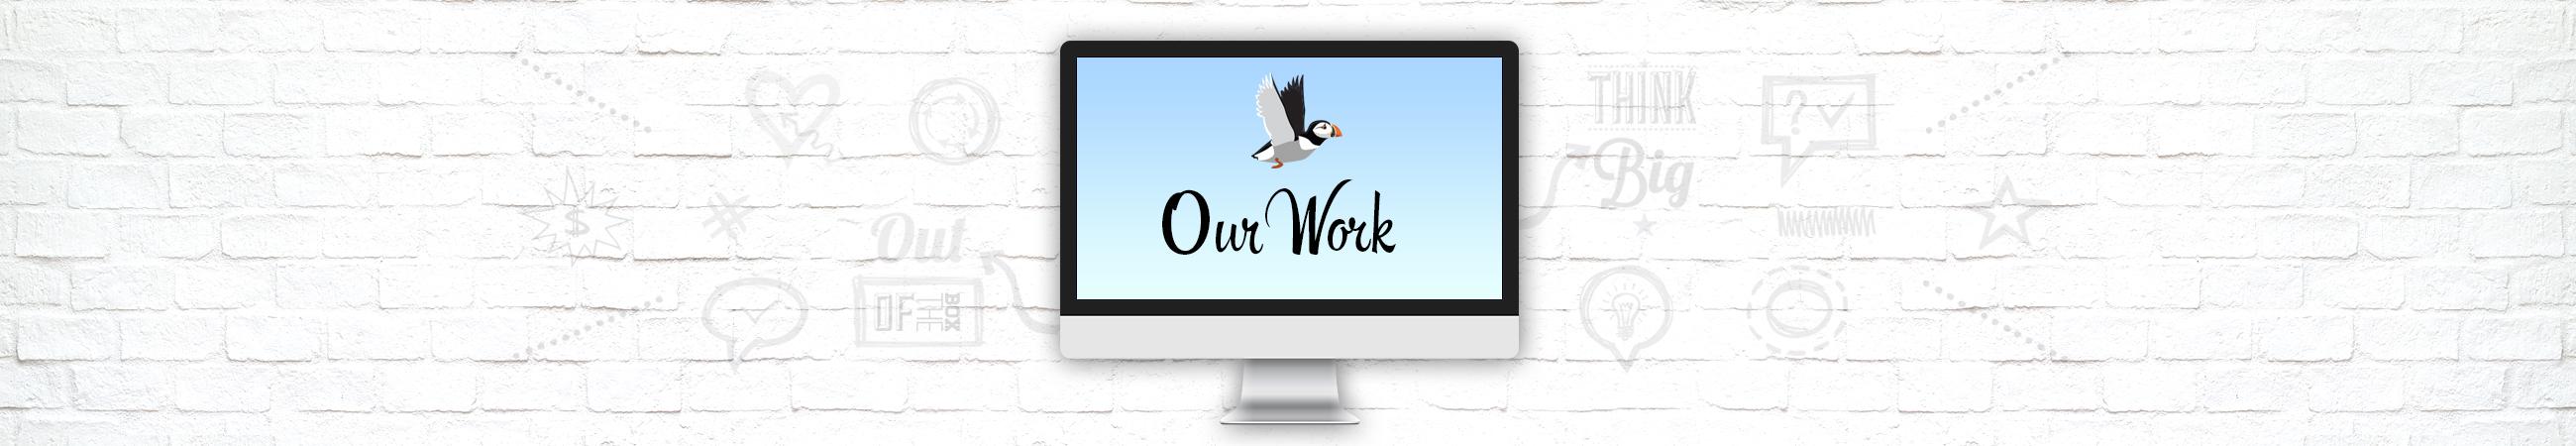 Our Work header Puffin Digital Graphic Design website design